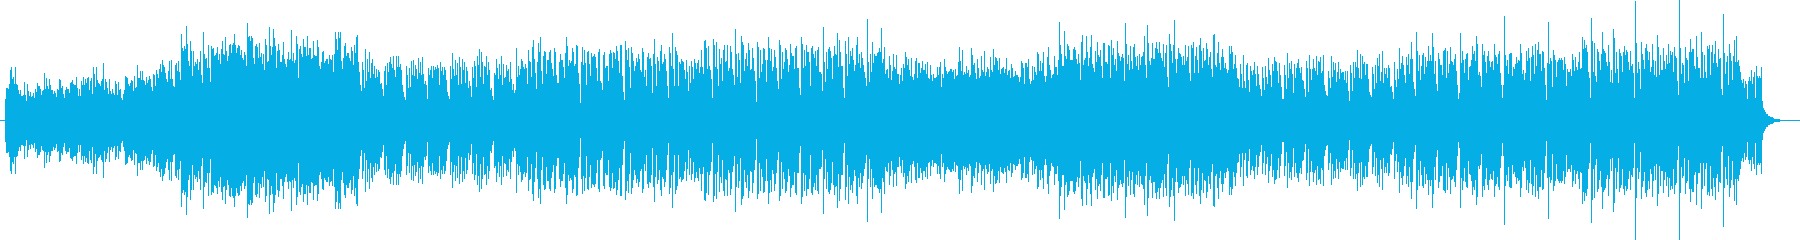 気分が上がるキャッチーなエレクトロソングの再生済みの波形